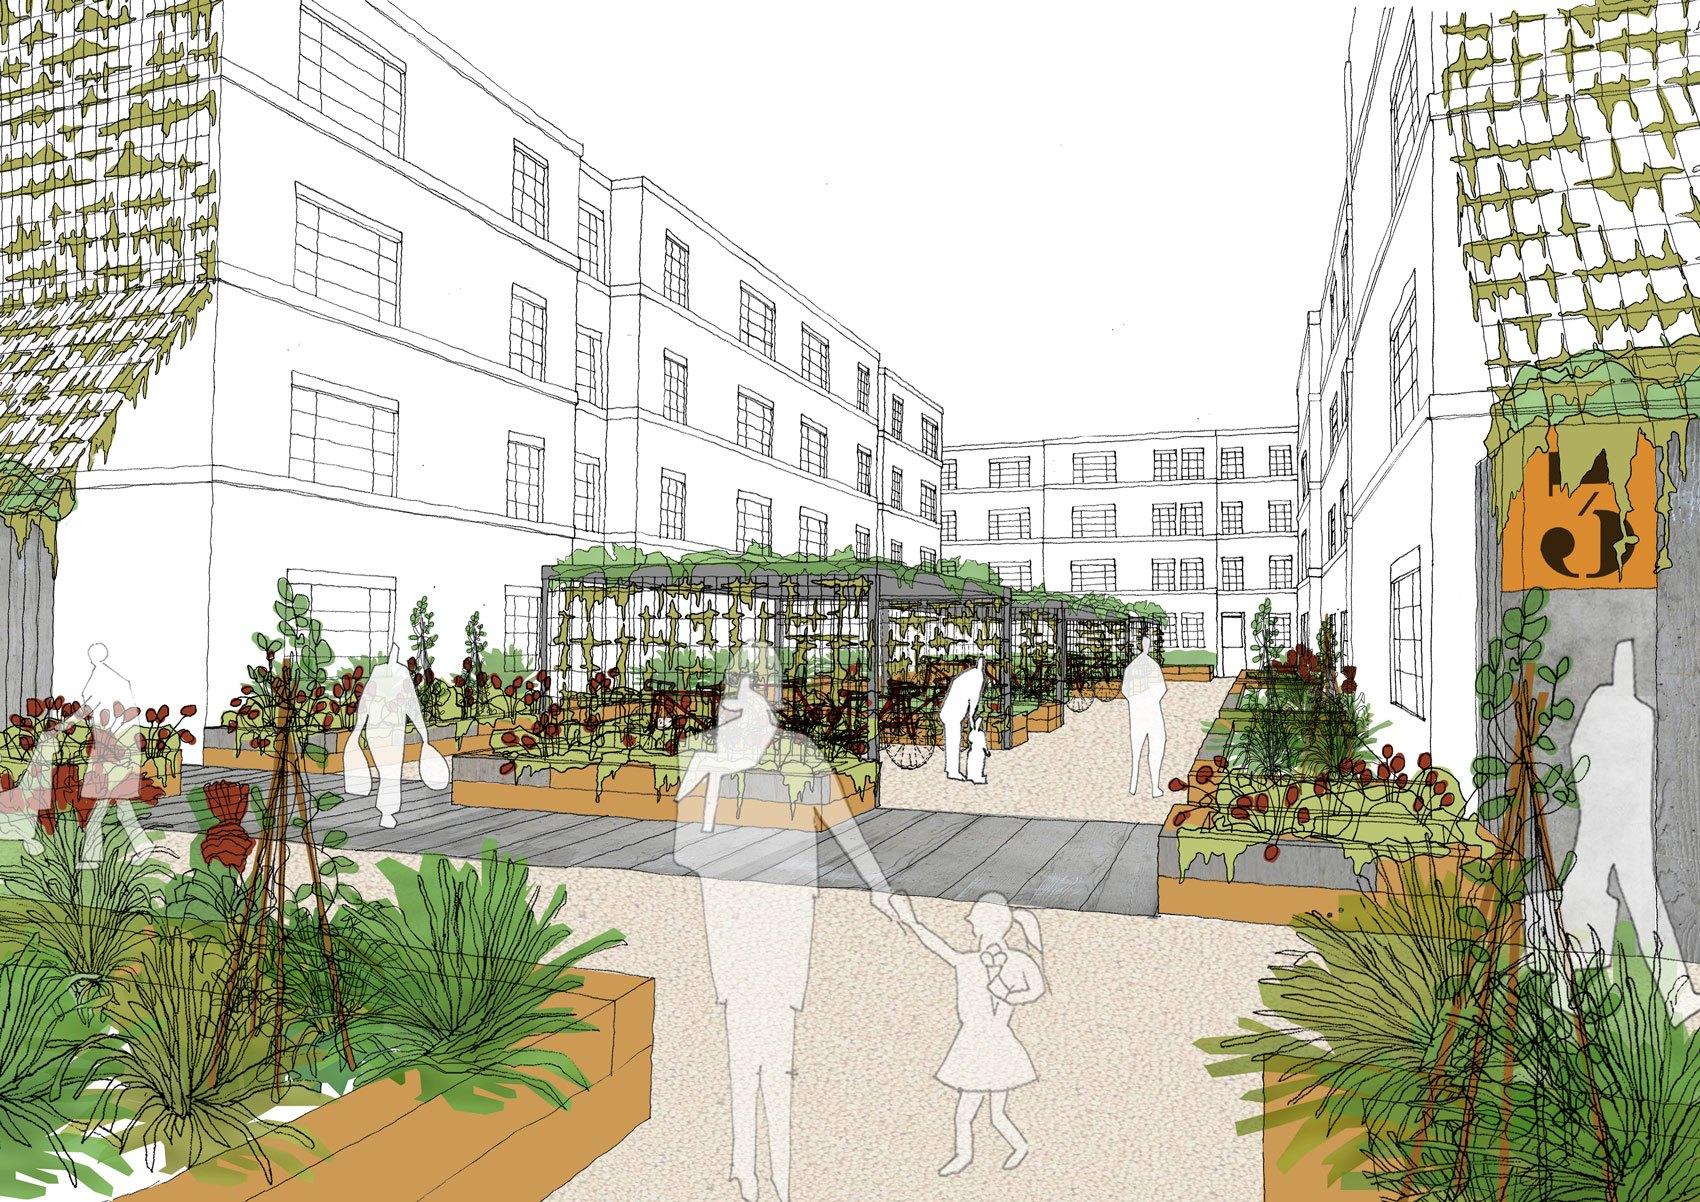 East London Co. Housing by Morrow + Lorraine